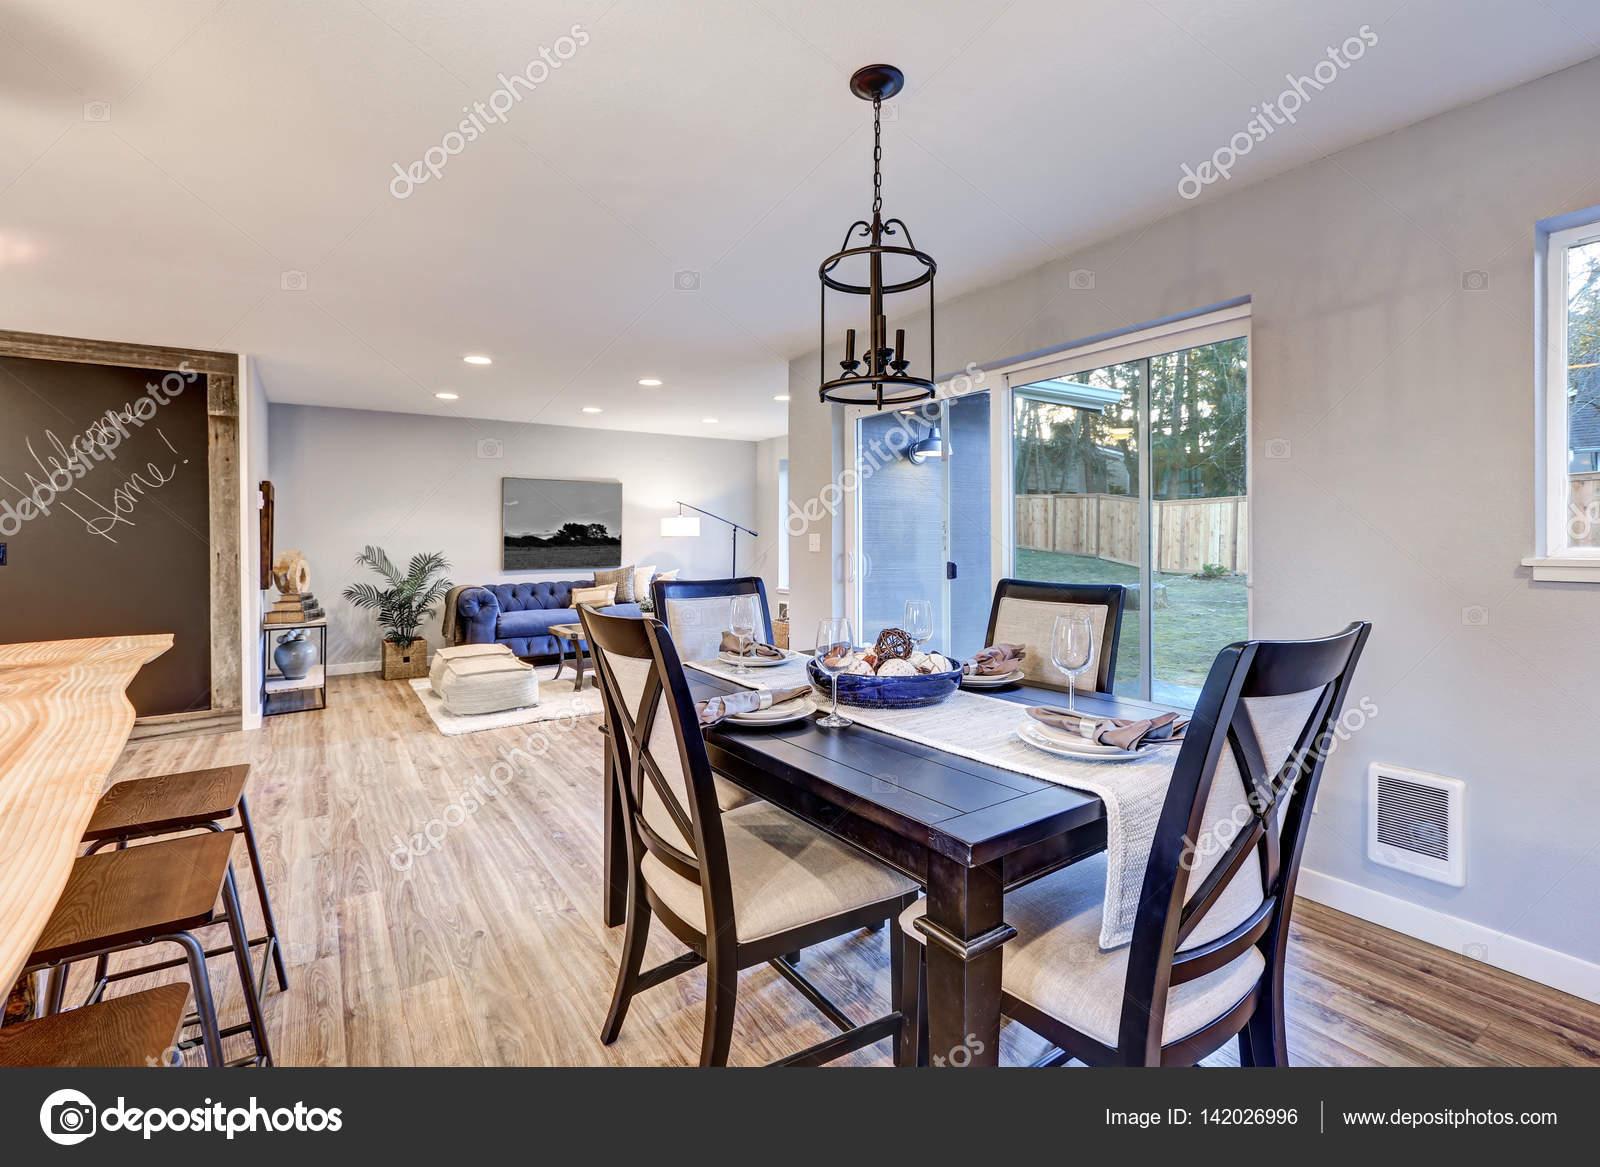 Eetkamer Keuken Open : Open keuken eetkamer interieur met lichte houten vloeren